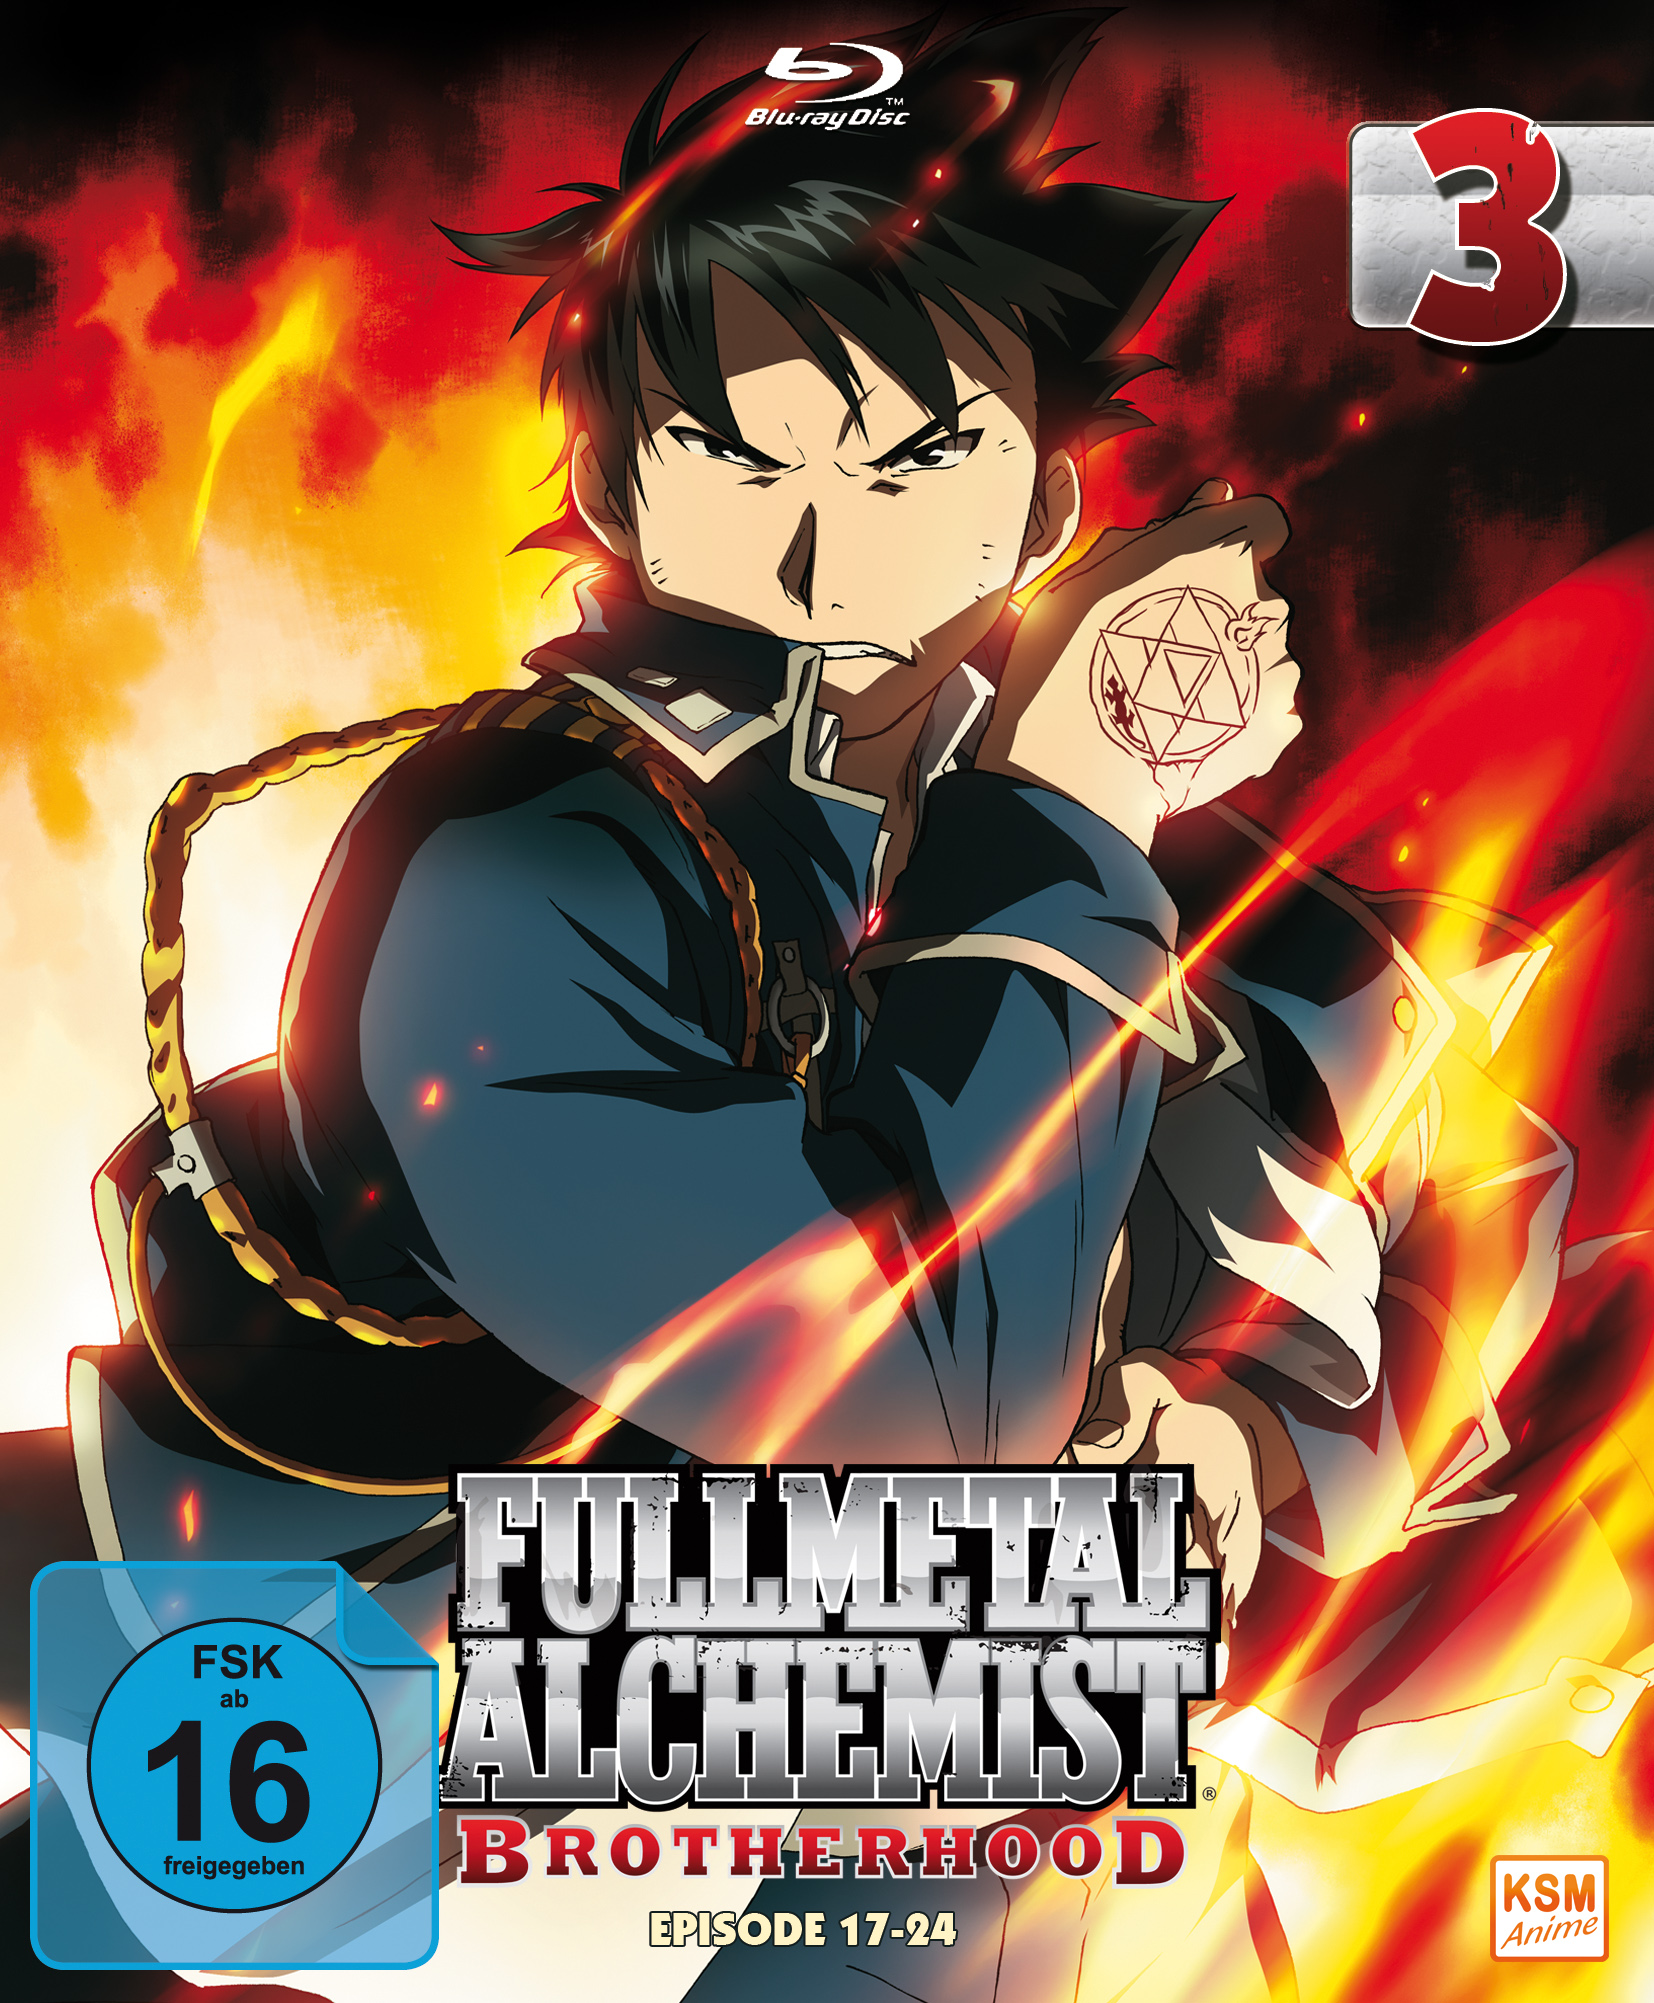 Fullmetal Alchemist BluRay